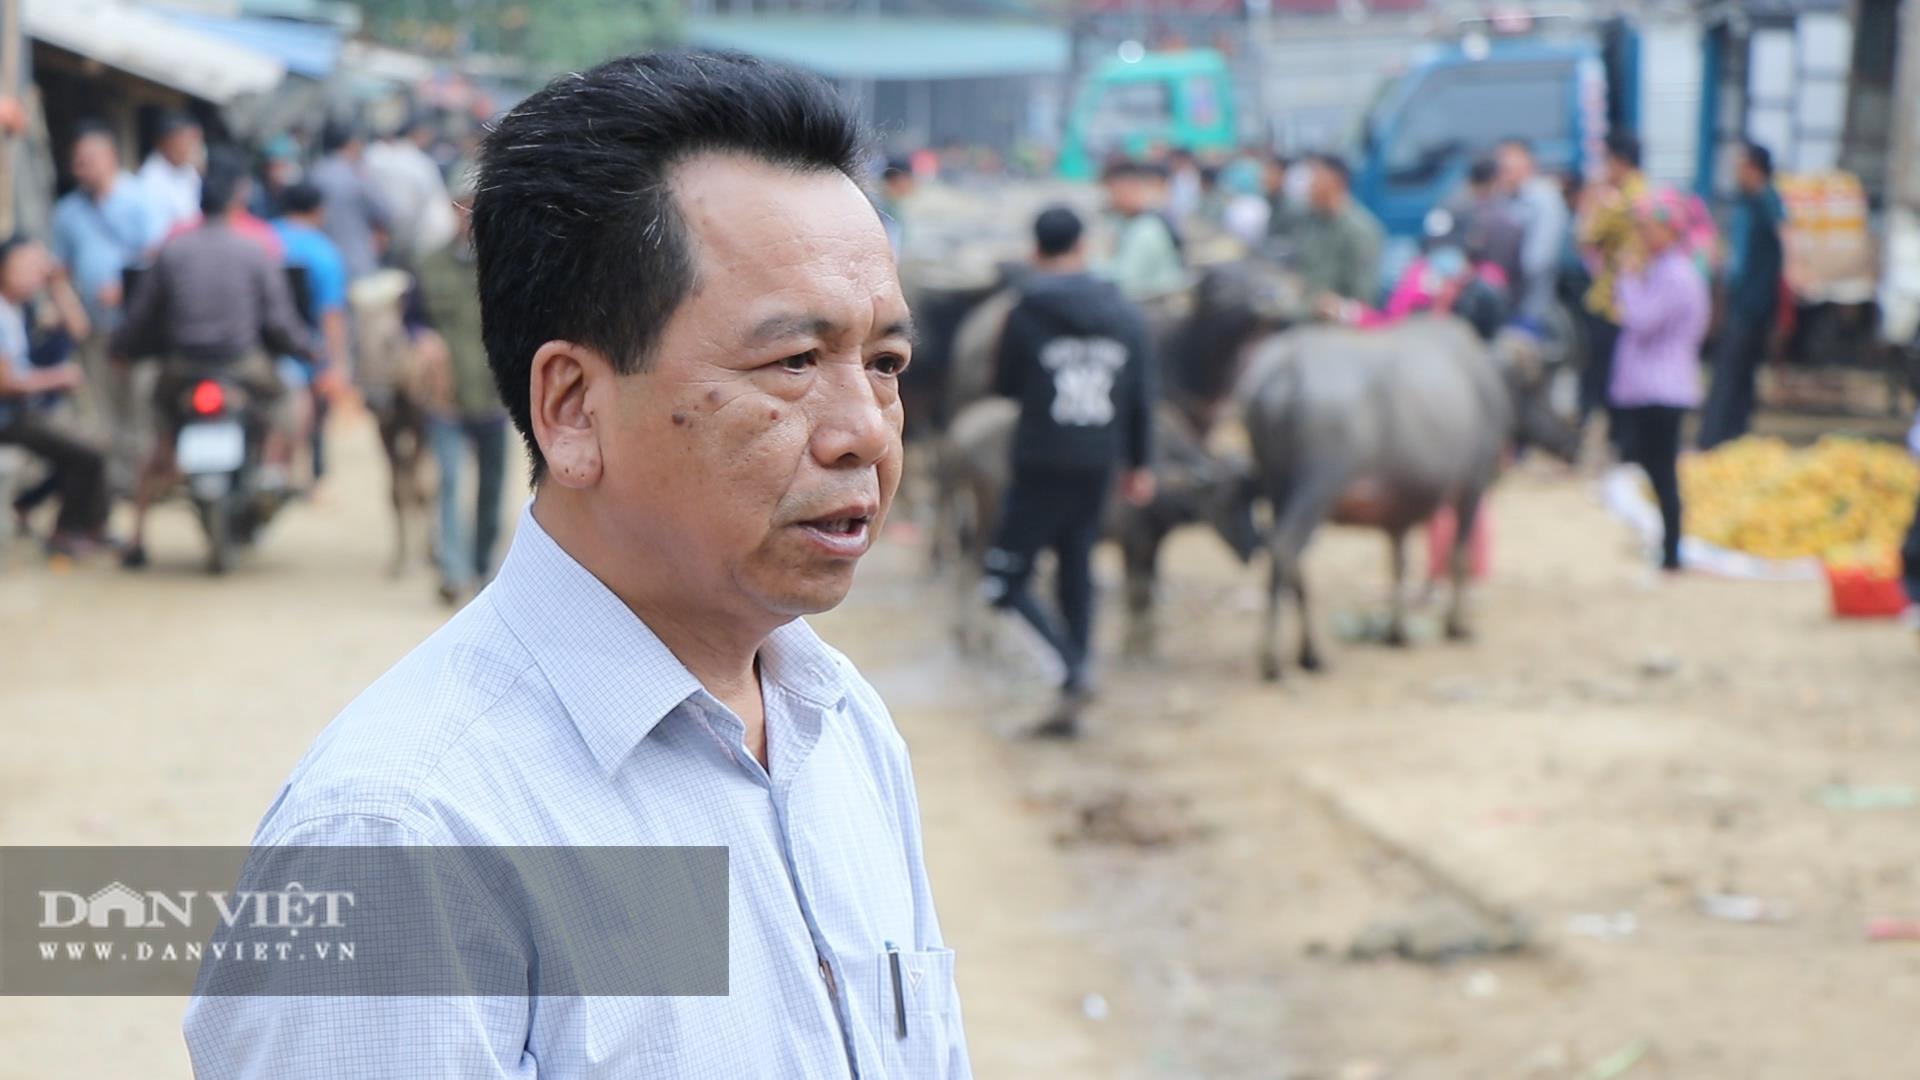 Bắc Kạn khó khăn trong công tác kiểm soát dịch bệnh tại chợ trâu, bò Nghiên Loan - Ảnh 2.